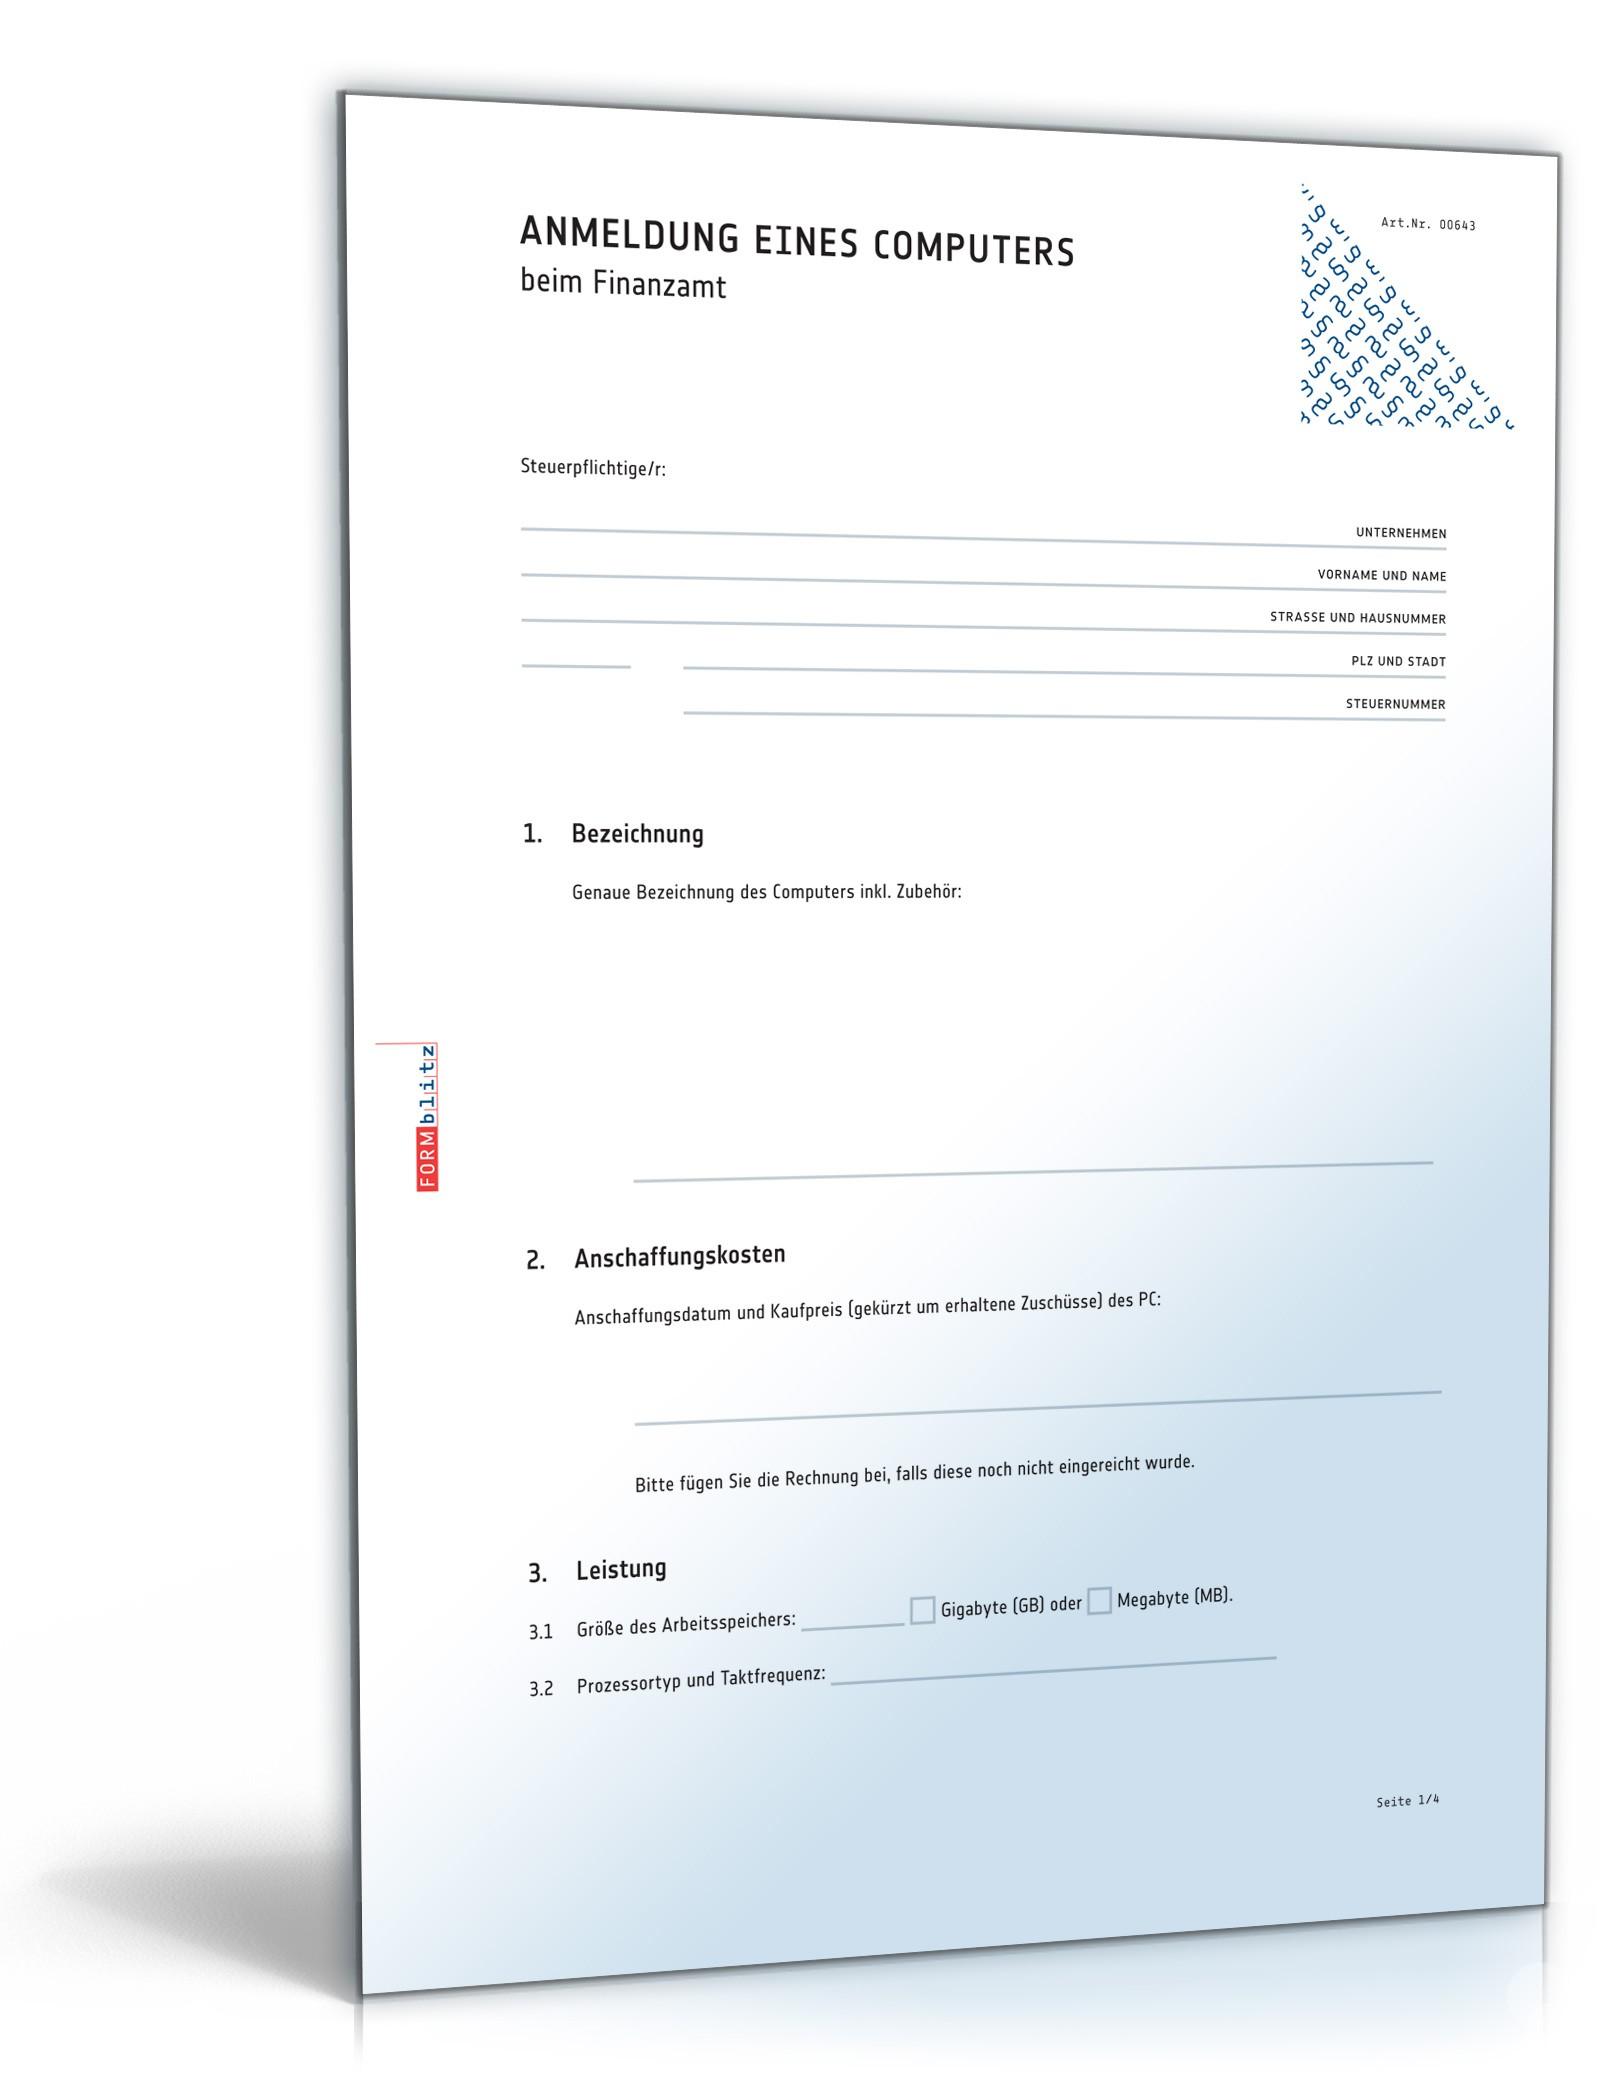 Anmeldung eines Computers beim Finanzamt   Vorlage zum Download